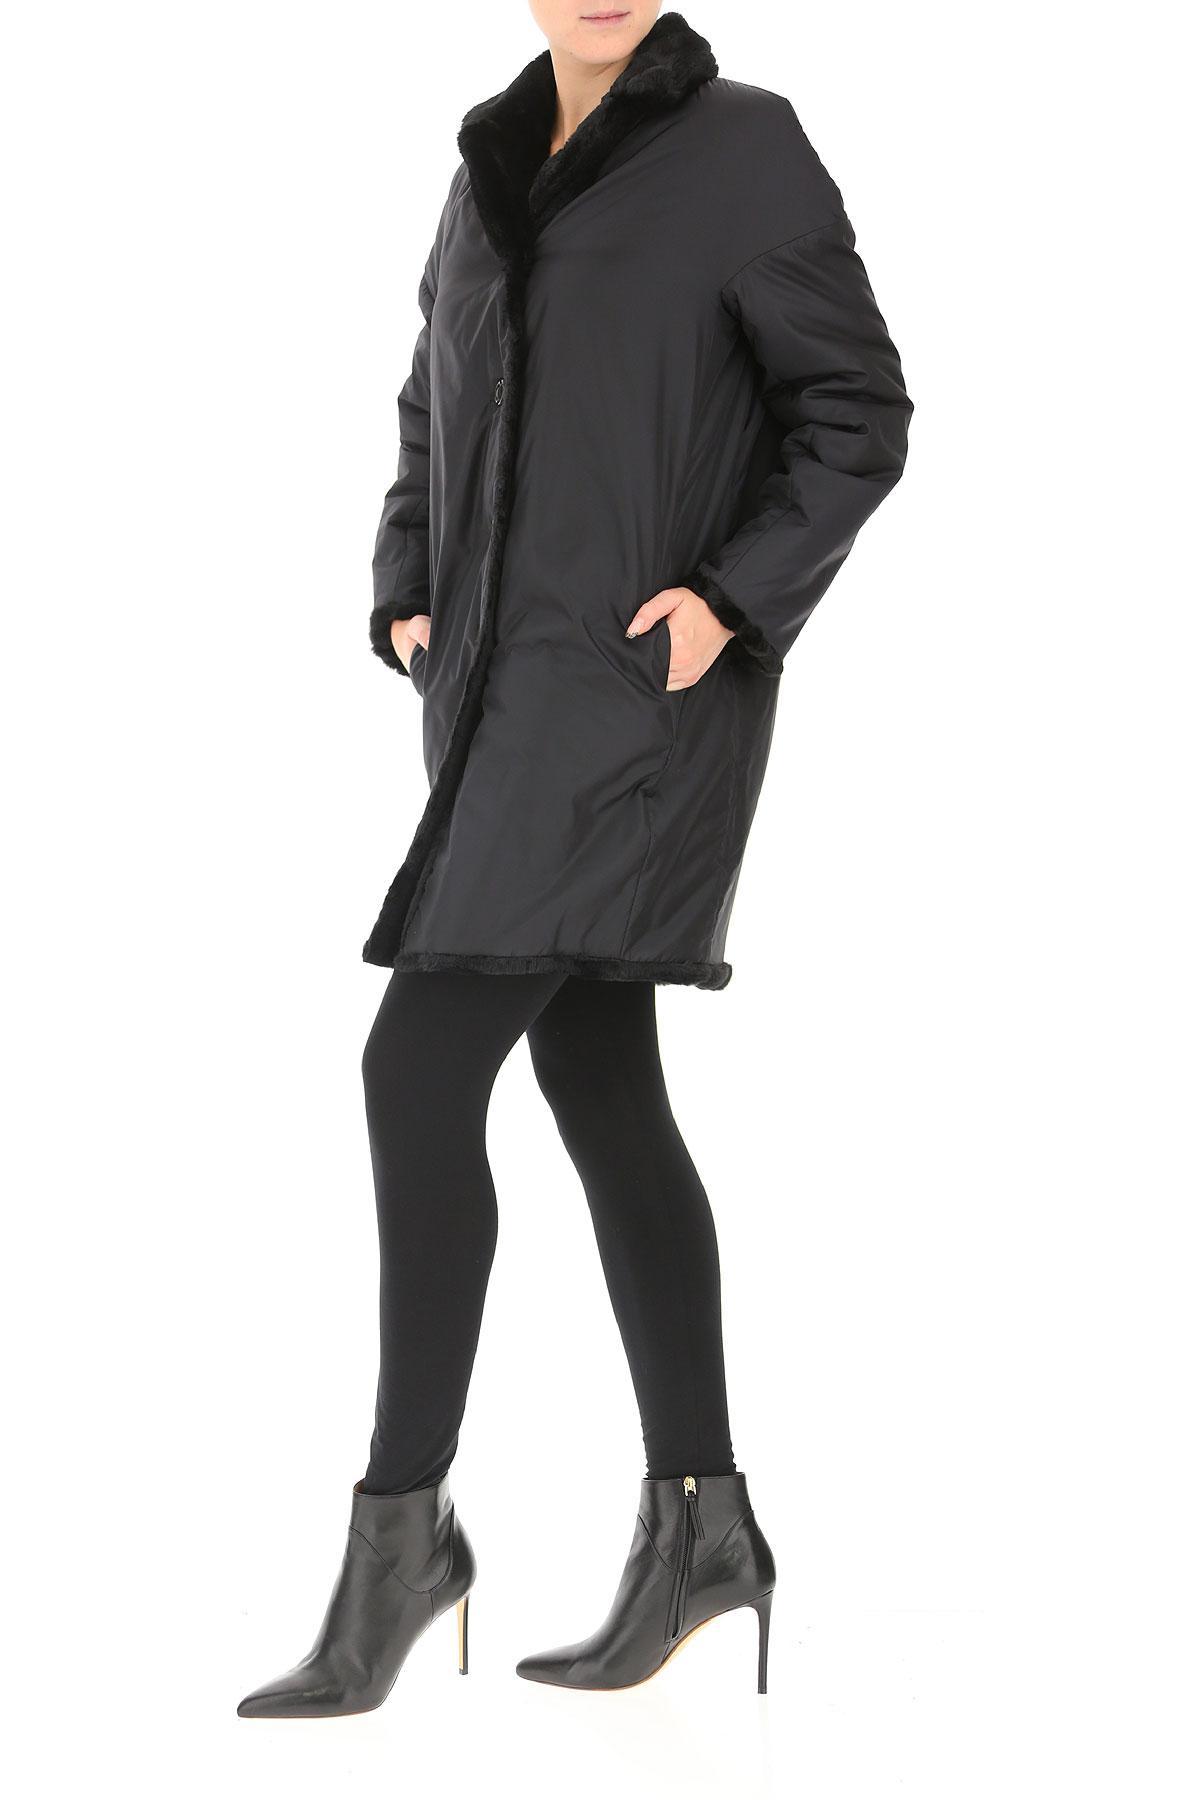 Manteau Femme Synthétique Aspesi en coloris Noir 6quNg